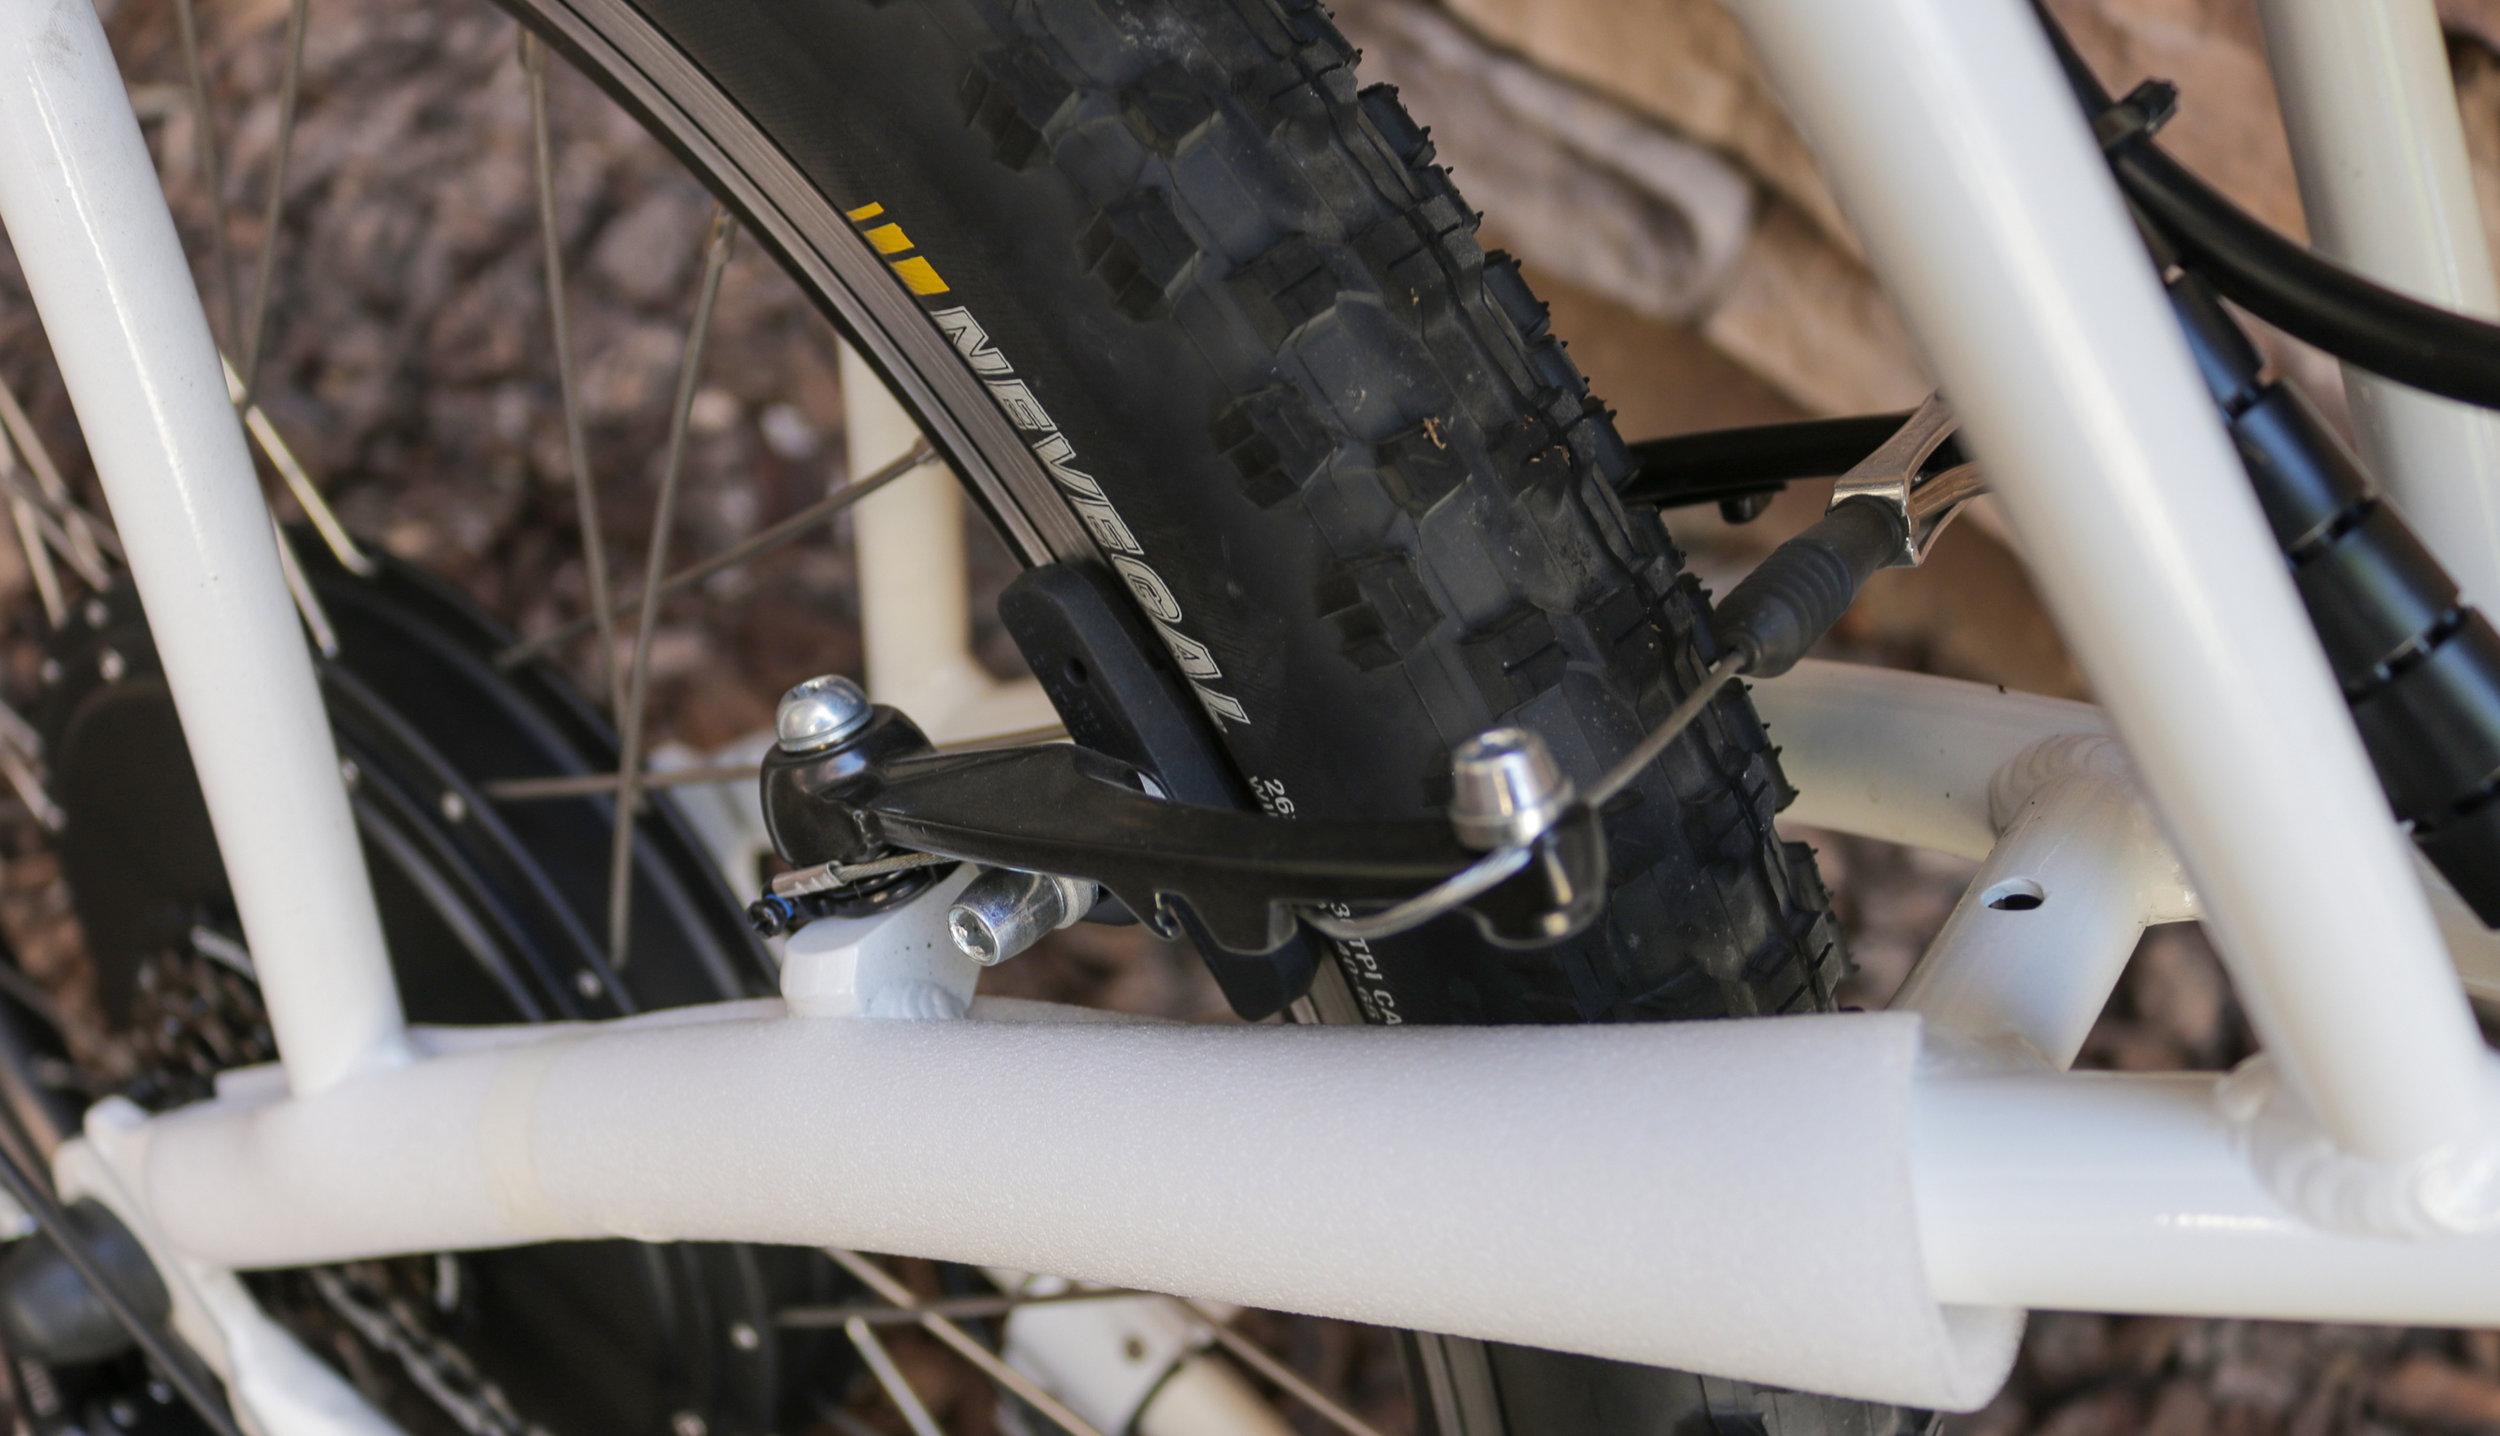 electrified-reviews-wave-electric-bike-review-rear-brake.jpg